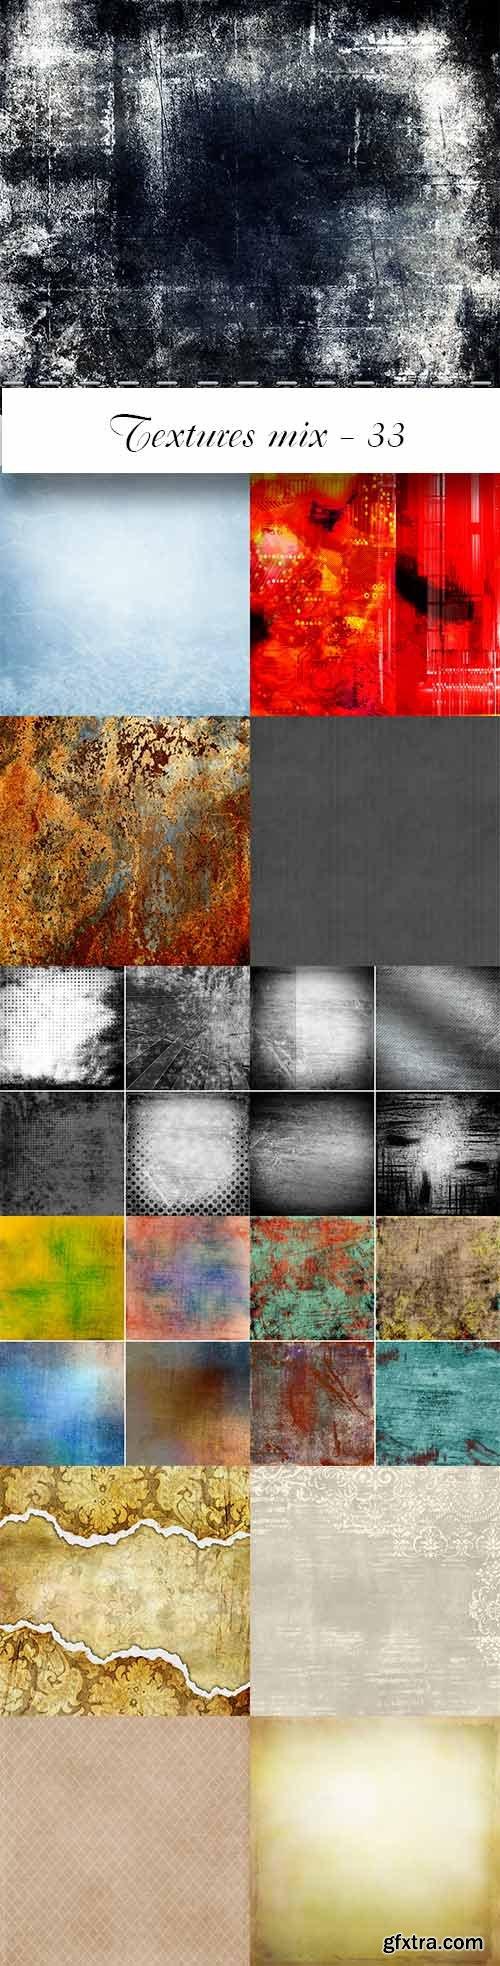 Textures mix - 33